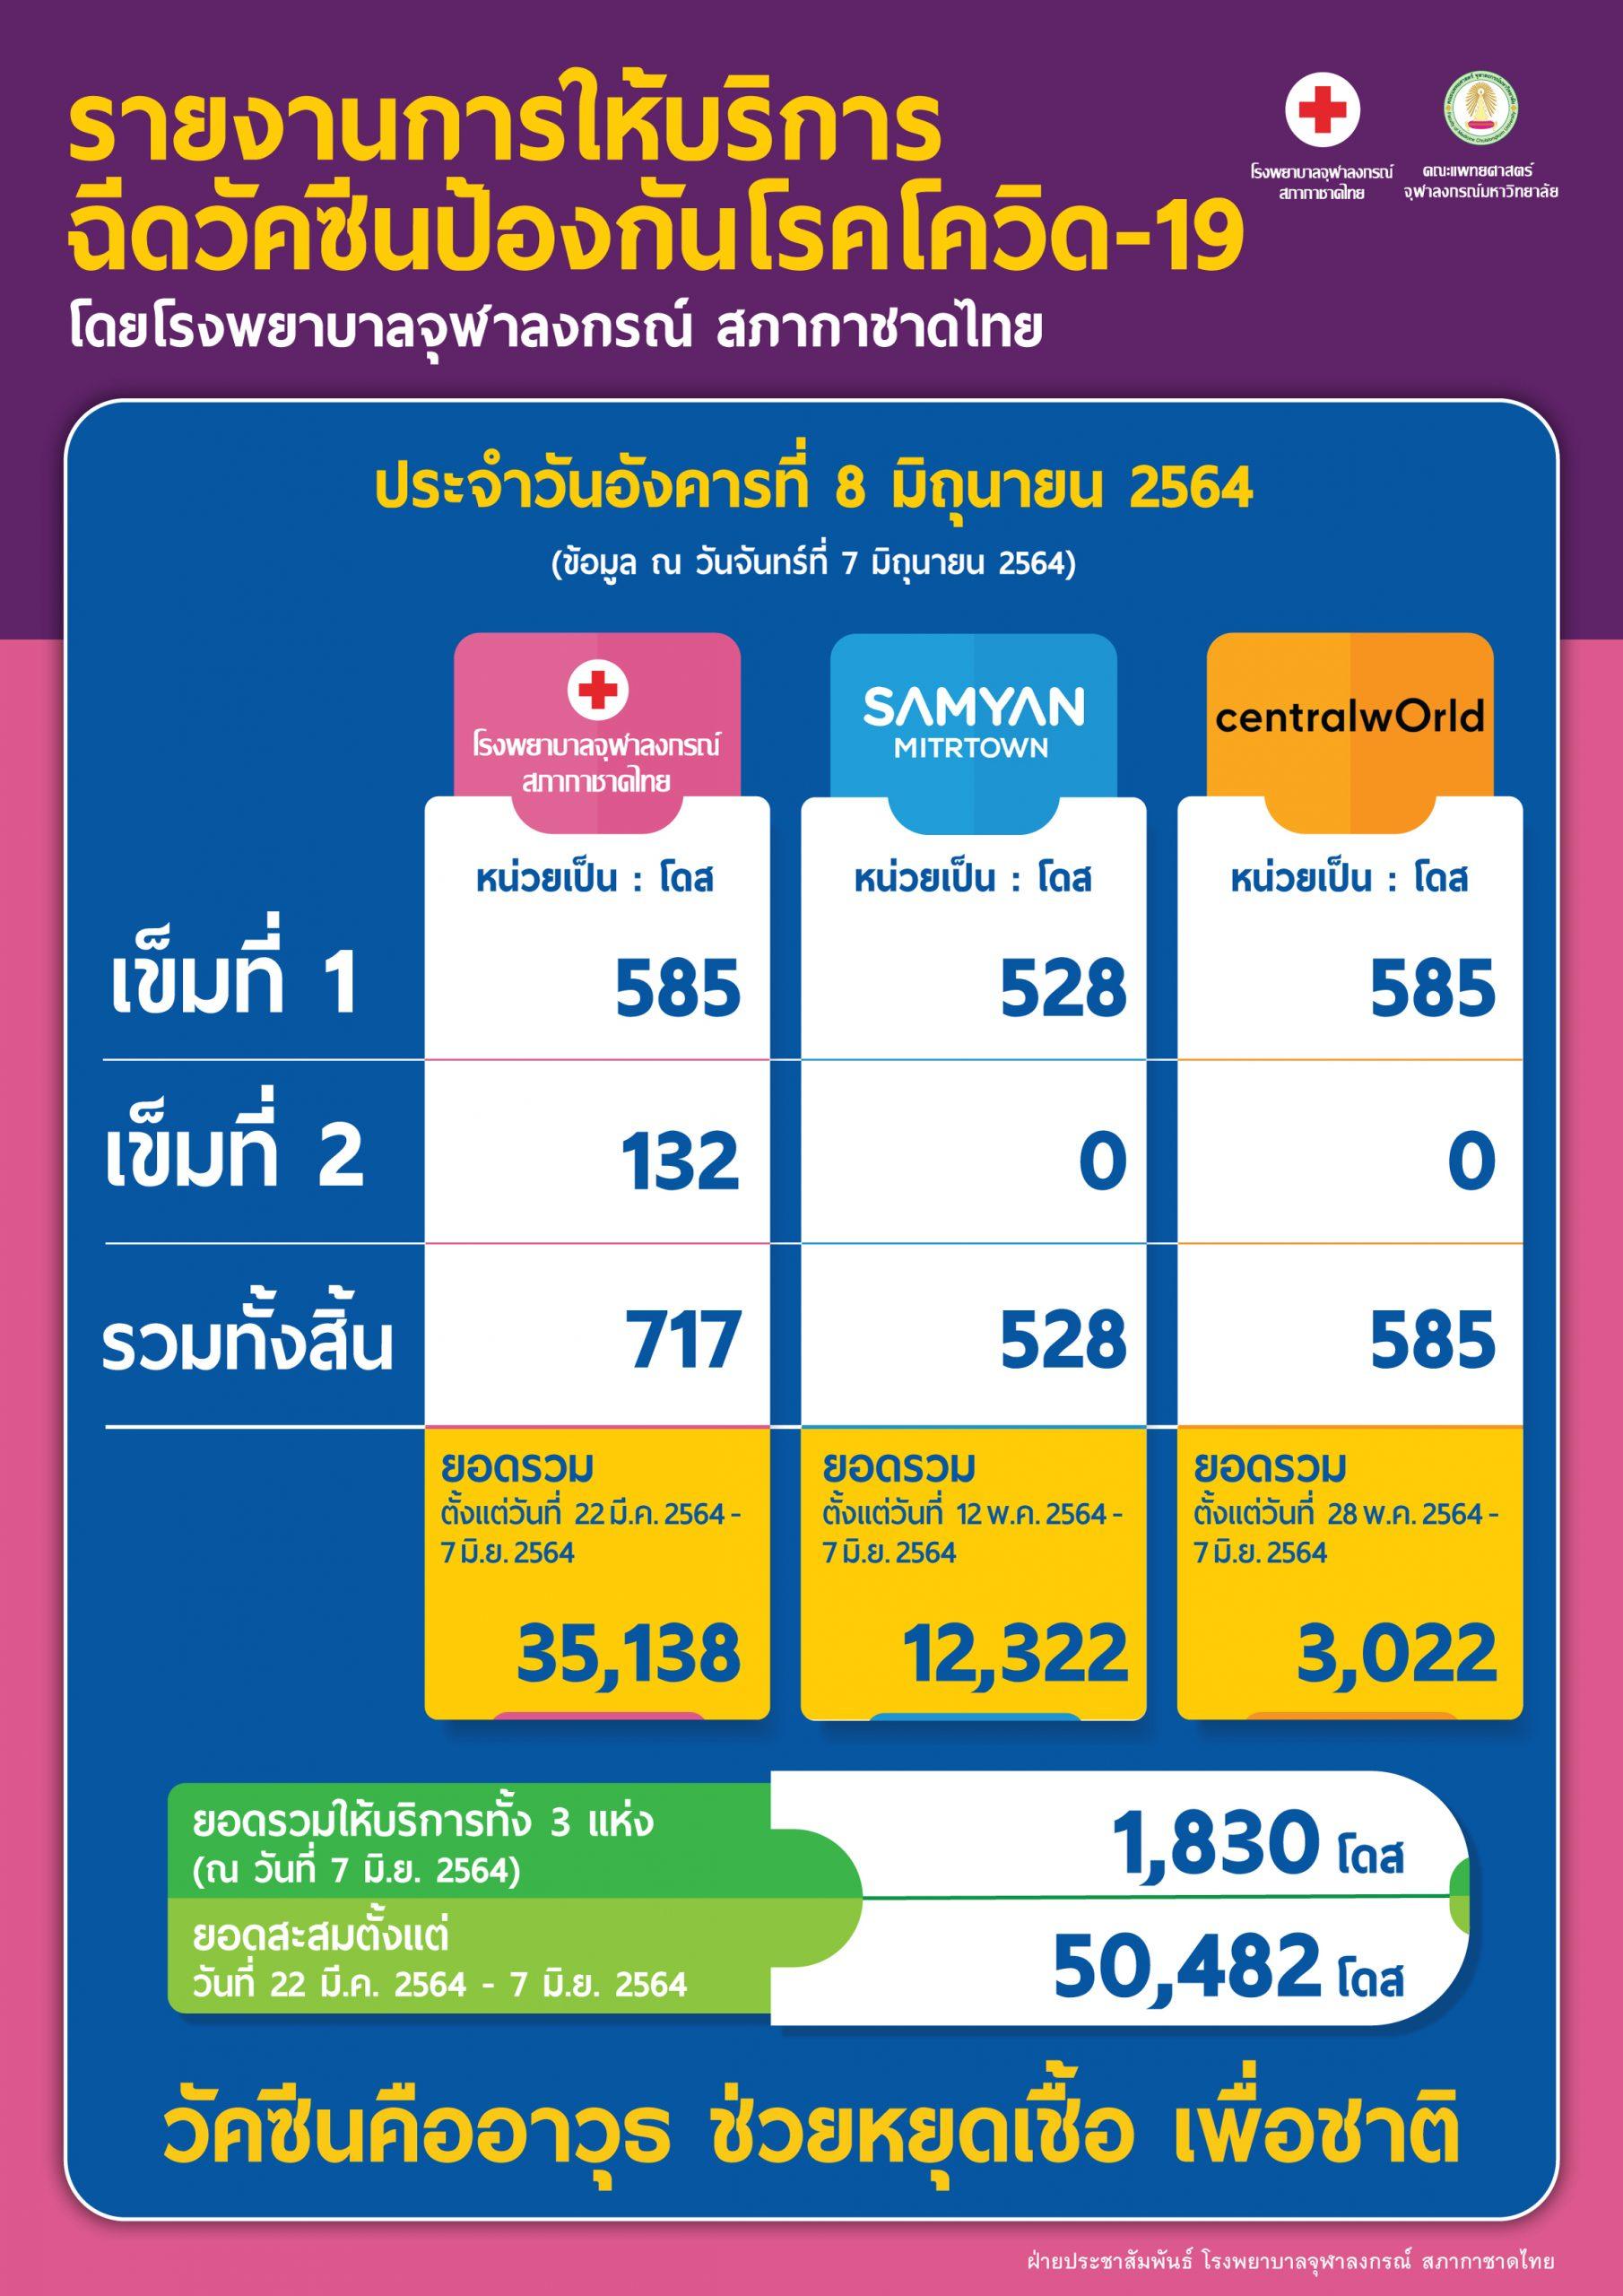 รายงานการให้บริการฉีดวัคซีนป้องกันโรคโควิด-19 โดยโรงพยาบาลจุฬาลงกรณ์ สภากาชาดไทย ประจำวันอังคารที่ 8 มิถุนายน 2564